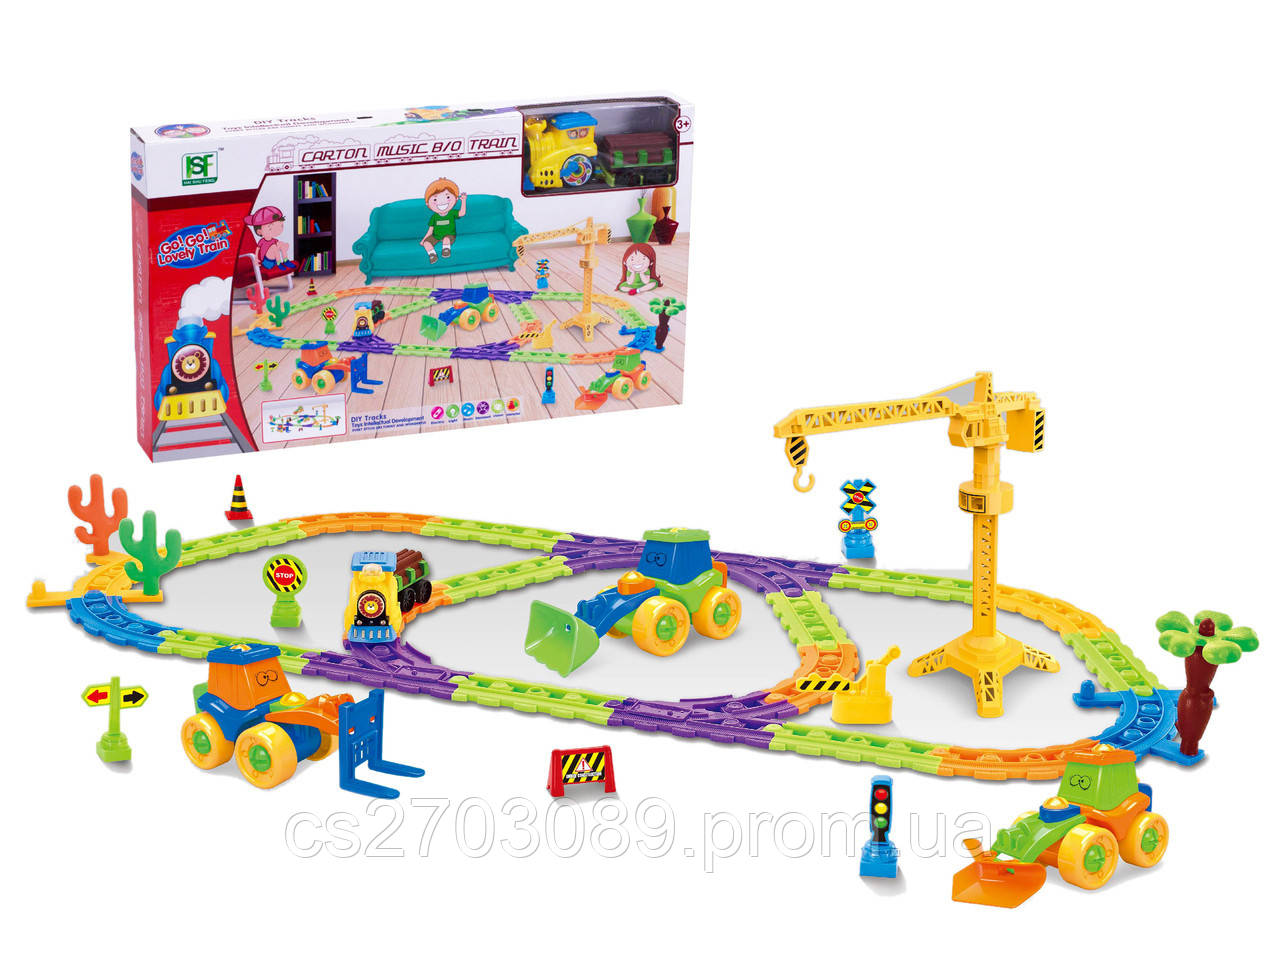 Железная дорога для малышей с перекрестком и краном, 98 элементов